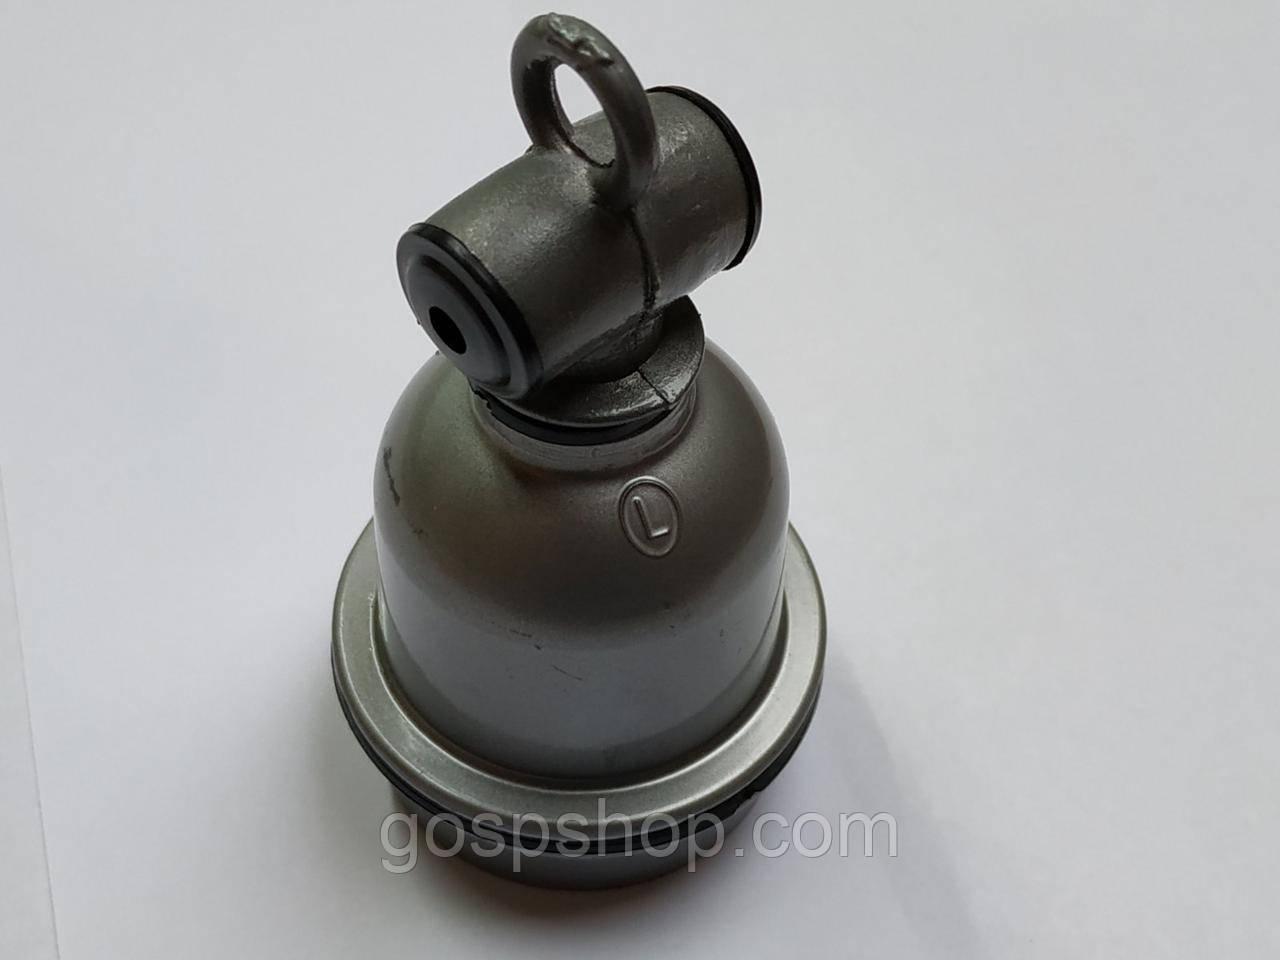 Керамический патрон E27 лоя инфракрасной лампы